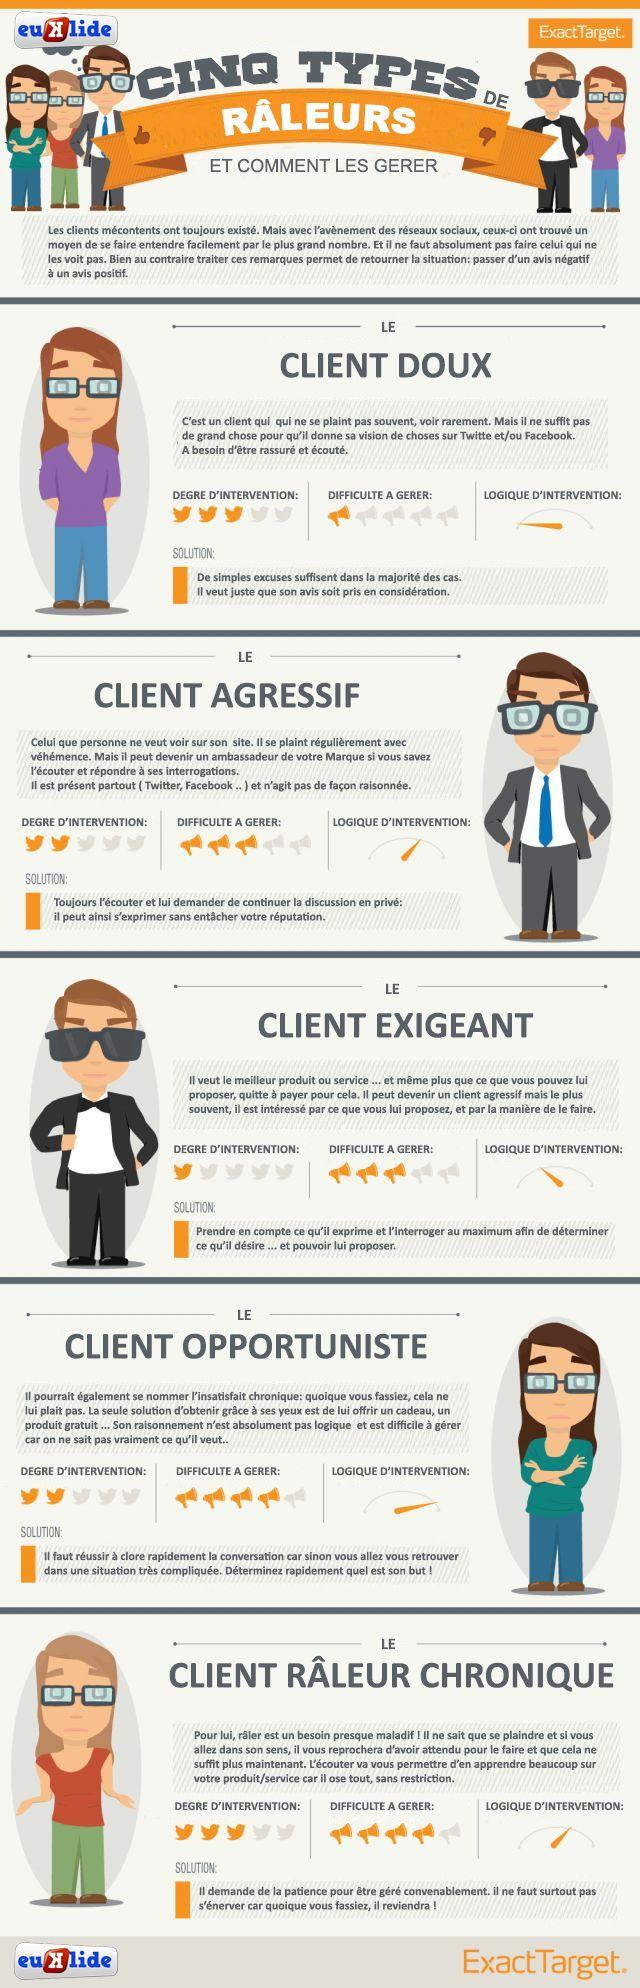 #RelationClient les 5 profils clients mécontents, comment les gérer sur les #ReseauxSociaux? Car ne l'oublions pas le client est roi !